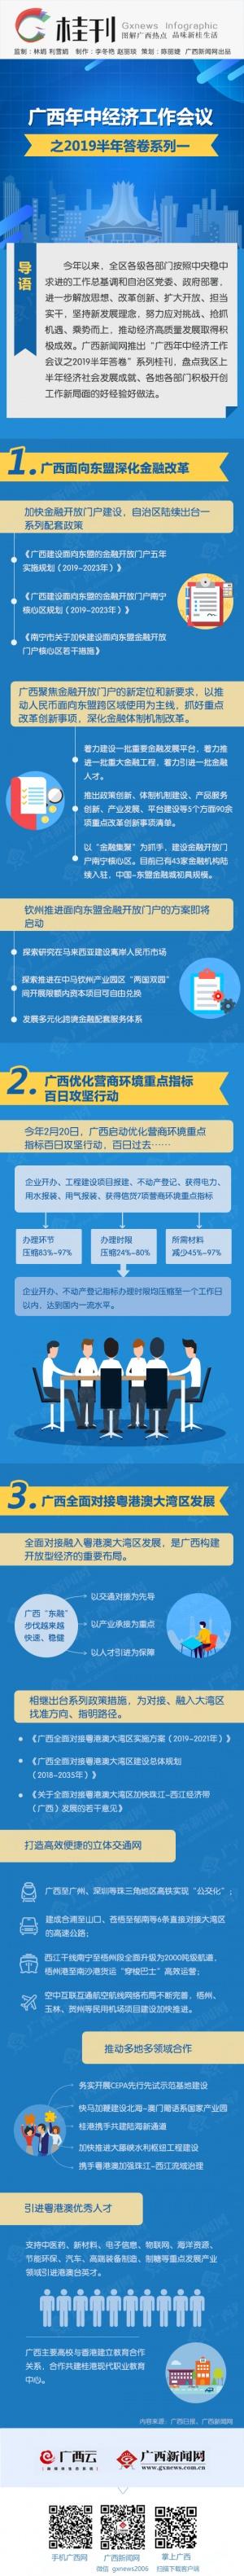 桂刊丨广西年中经济工作会议之2019半年答卷系列一